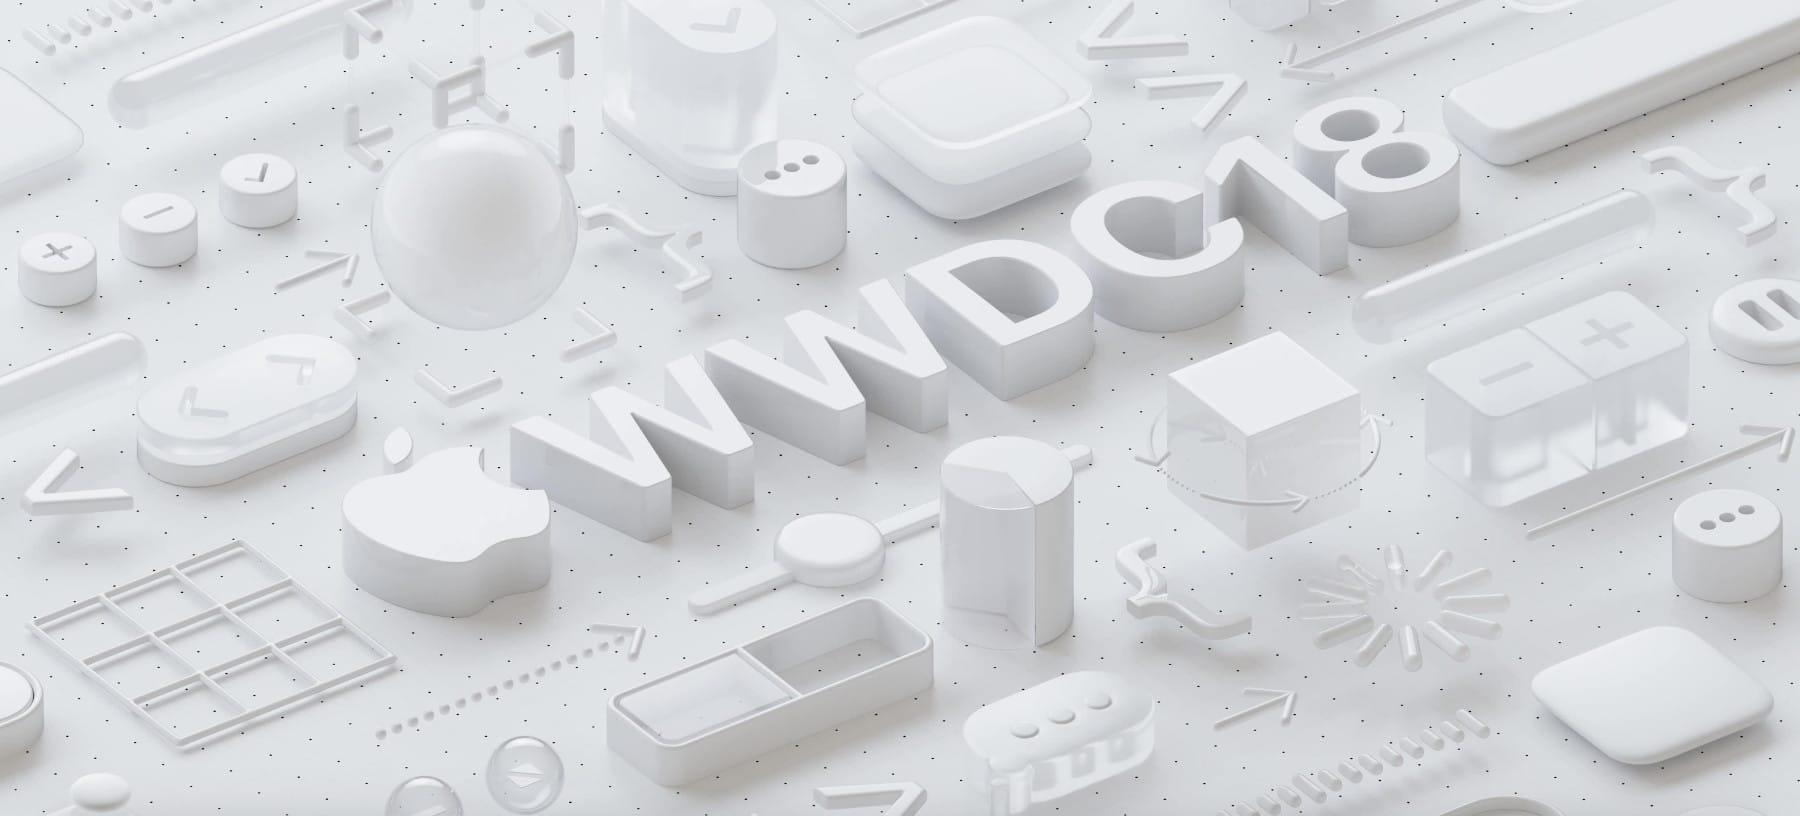 WWDC 2018: Das ist unsere HomeKit Wunschliste